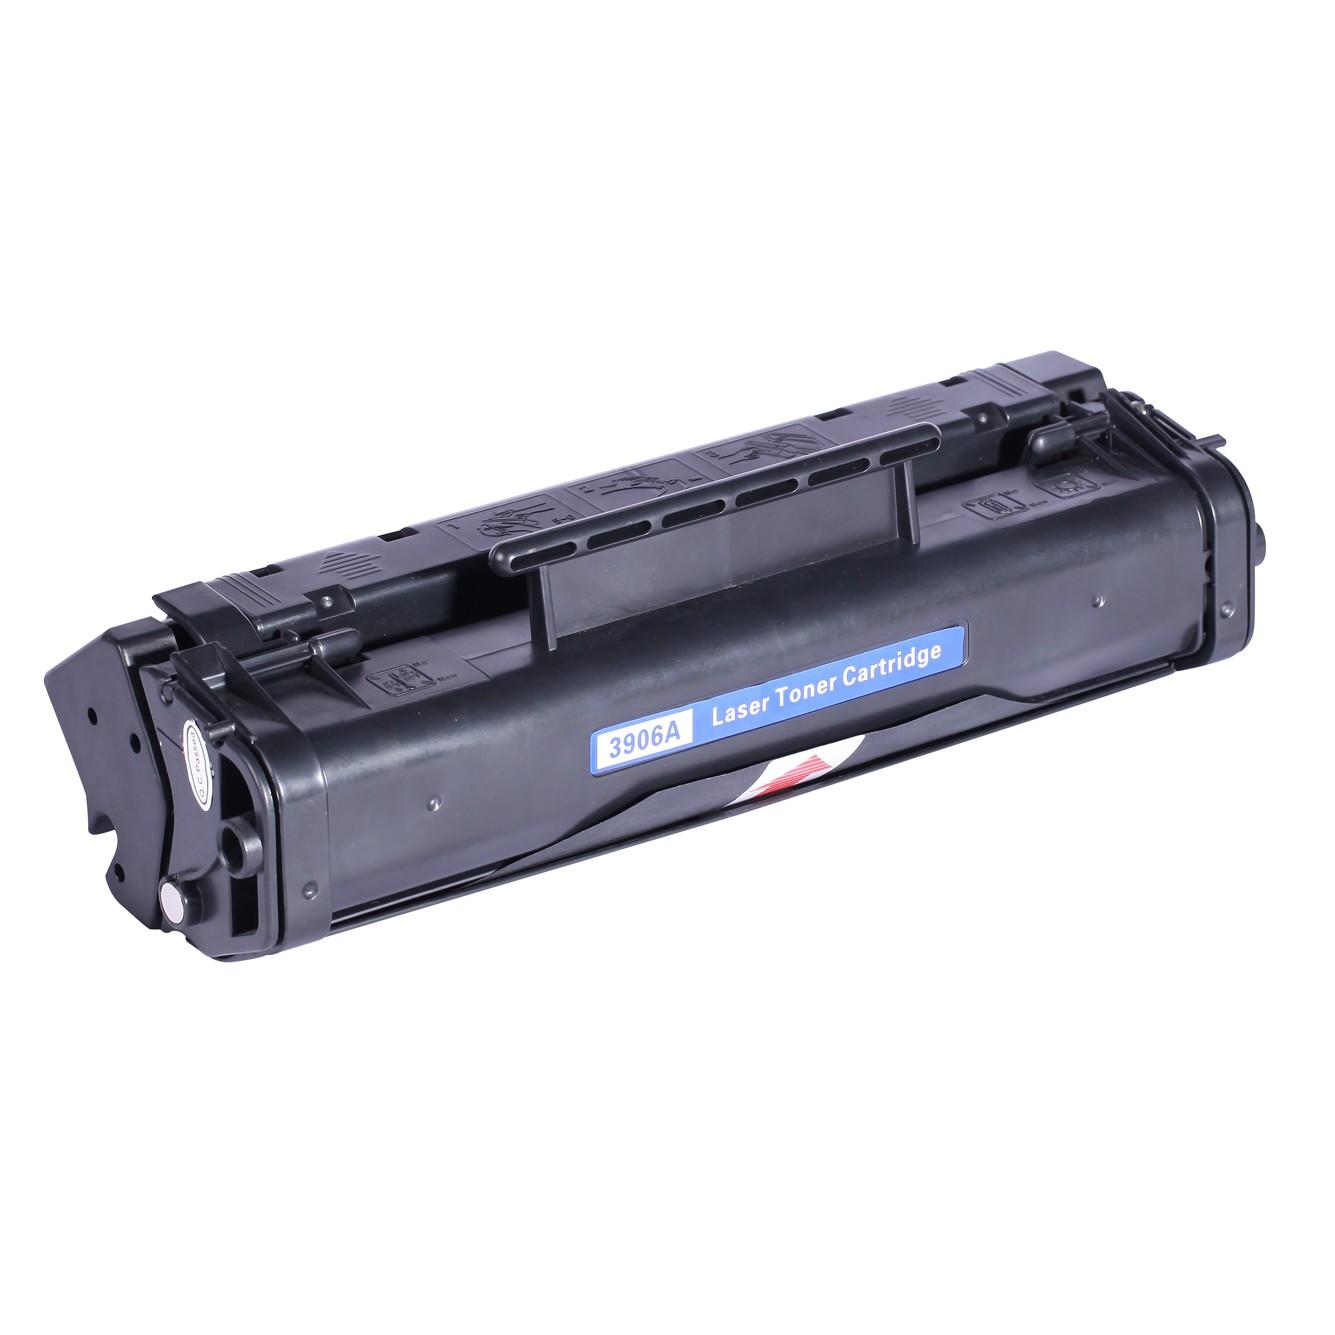 Image of   HP C3906 (06A) /EP-A Lasertoner, sort, kompatibel (2500 sider)